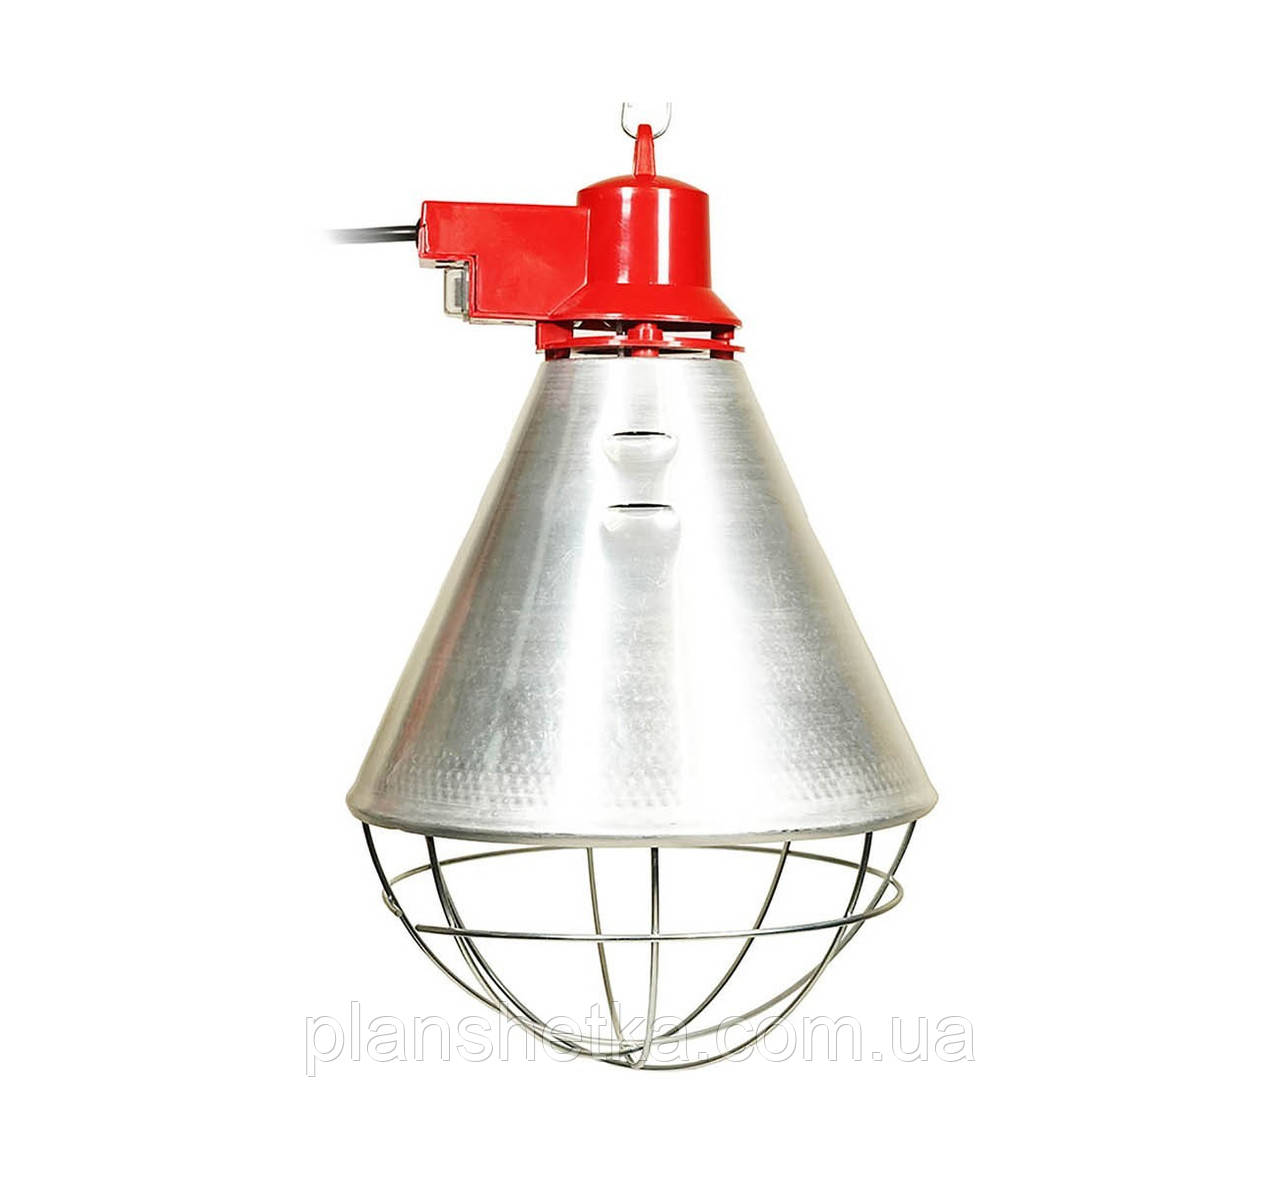 Рефлектор для інфрачервоної лампи (абажур) Tehnomur S1005 колір алюміній